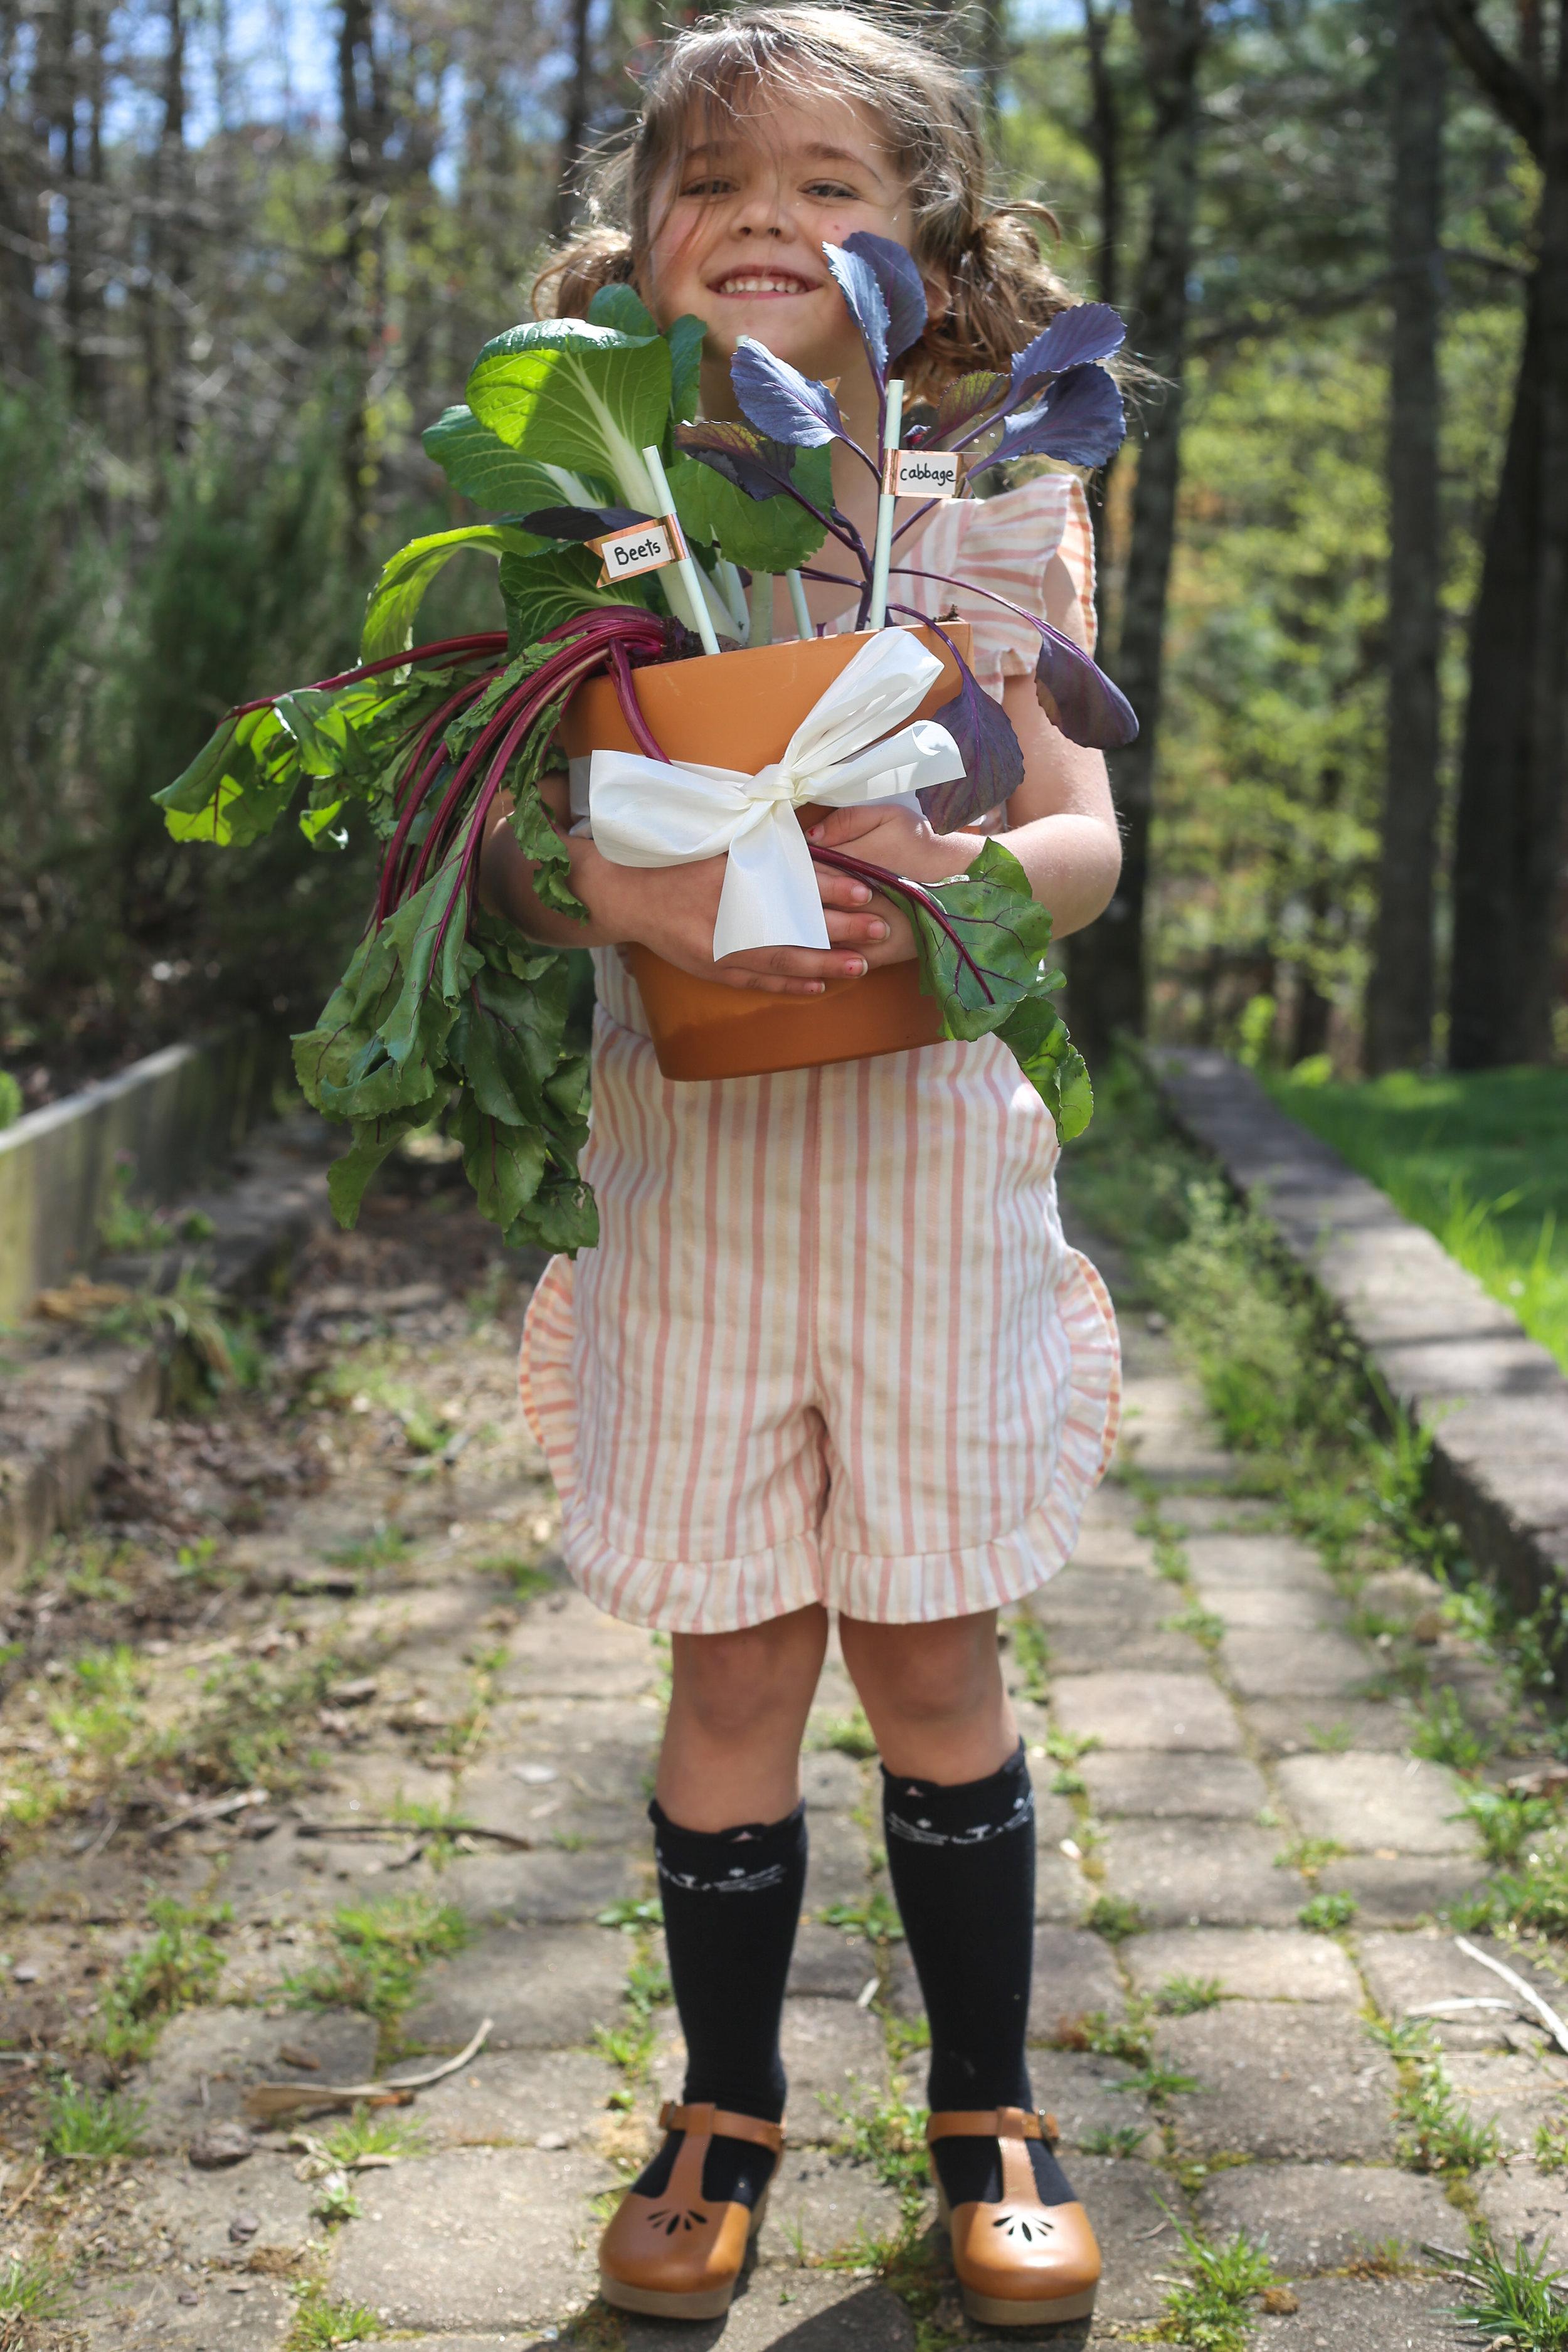 vegetablegardengiftbaskets.jpg